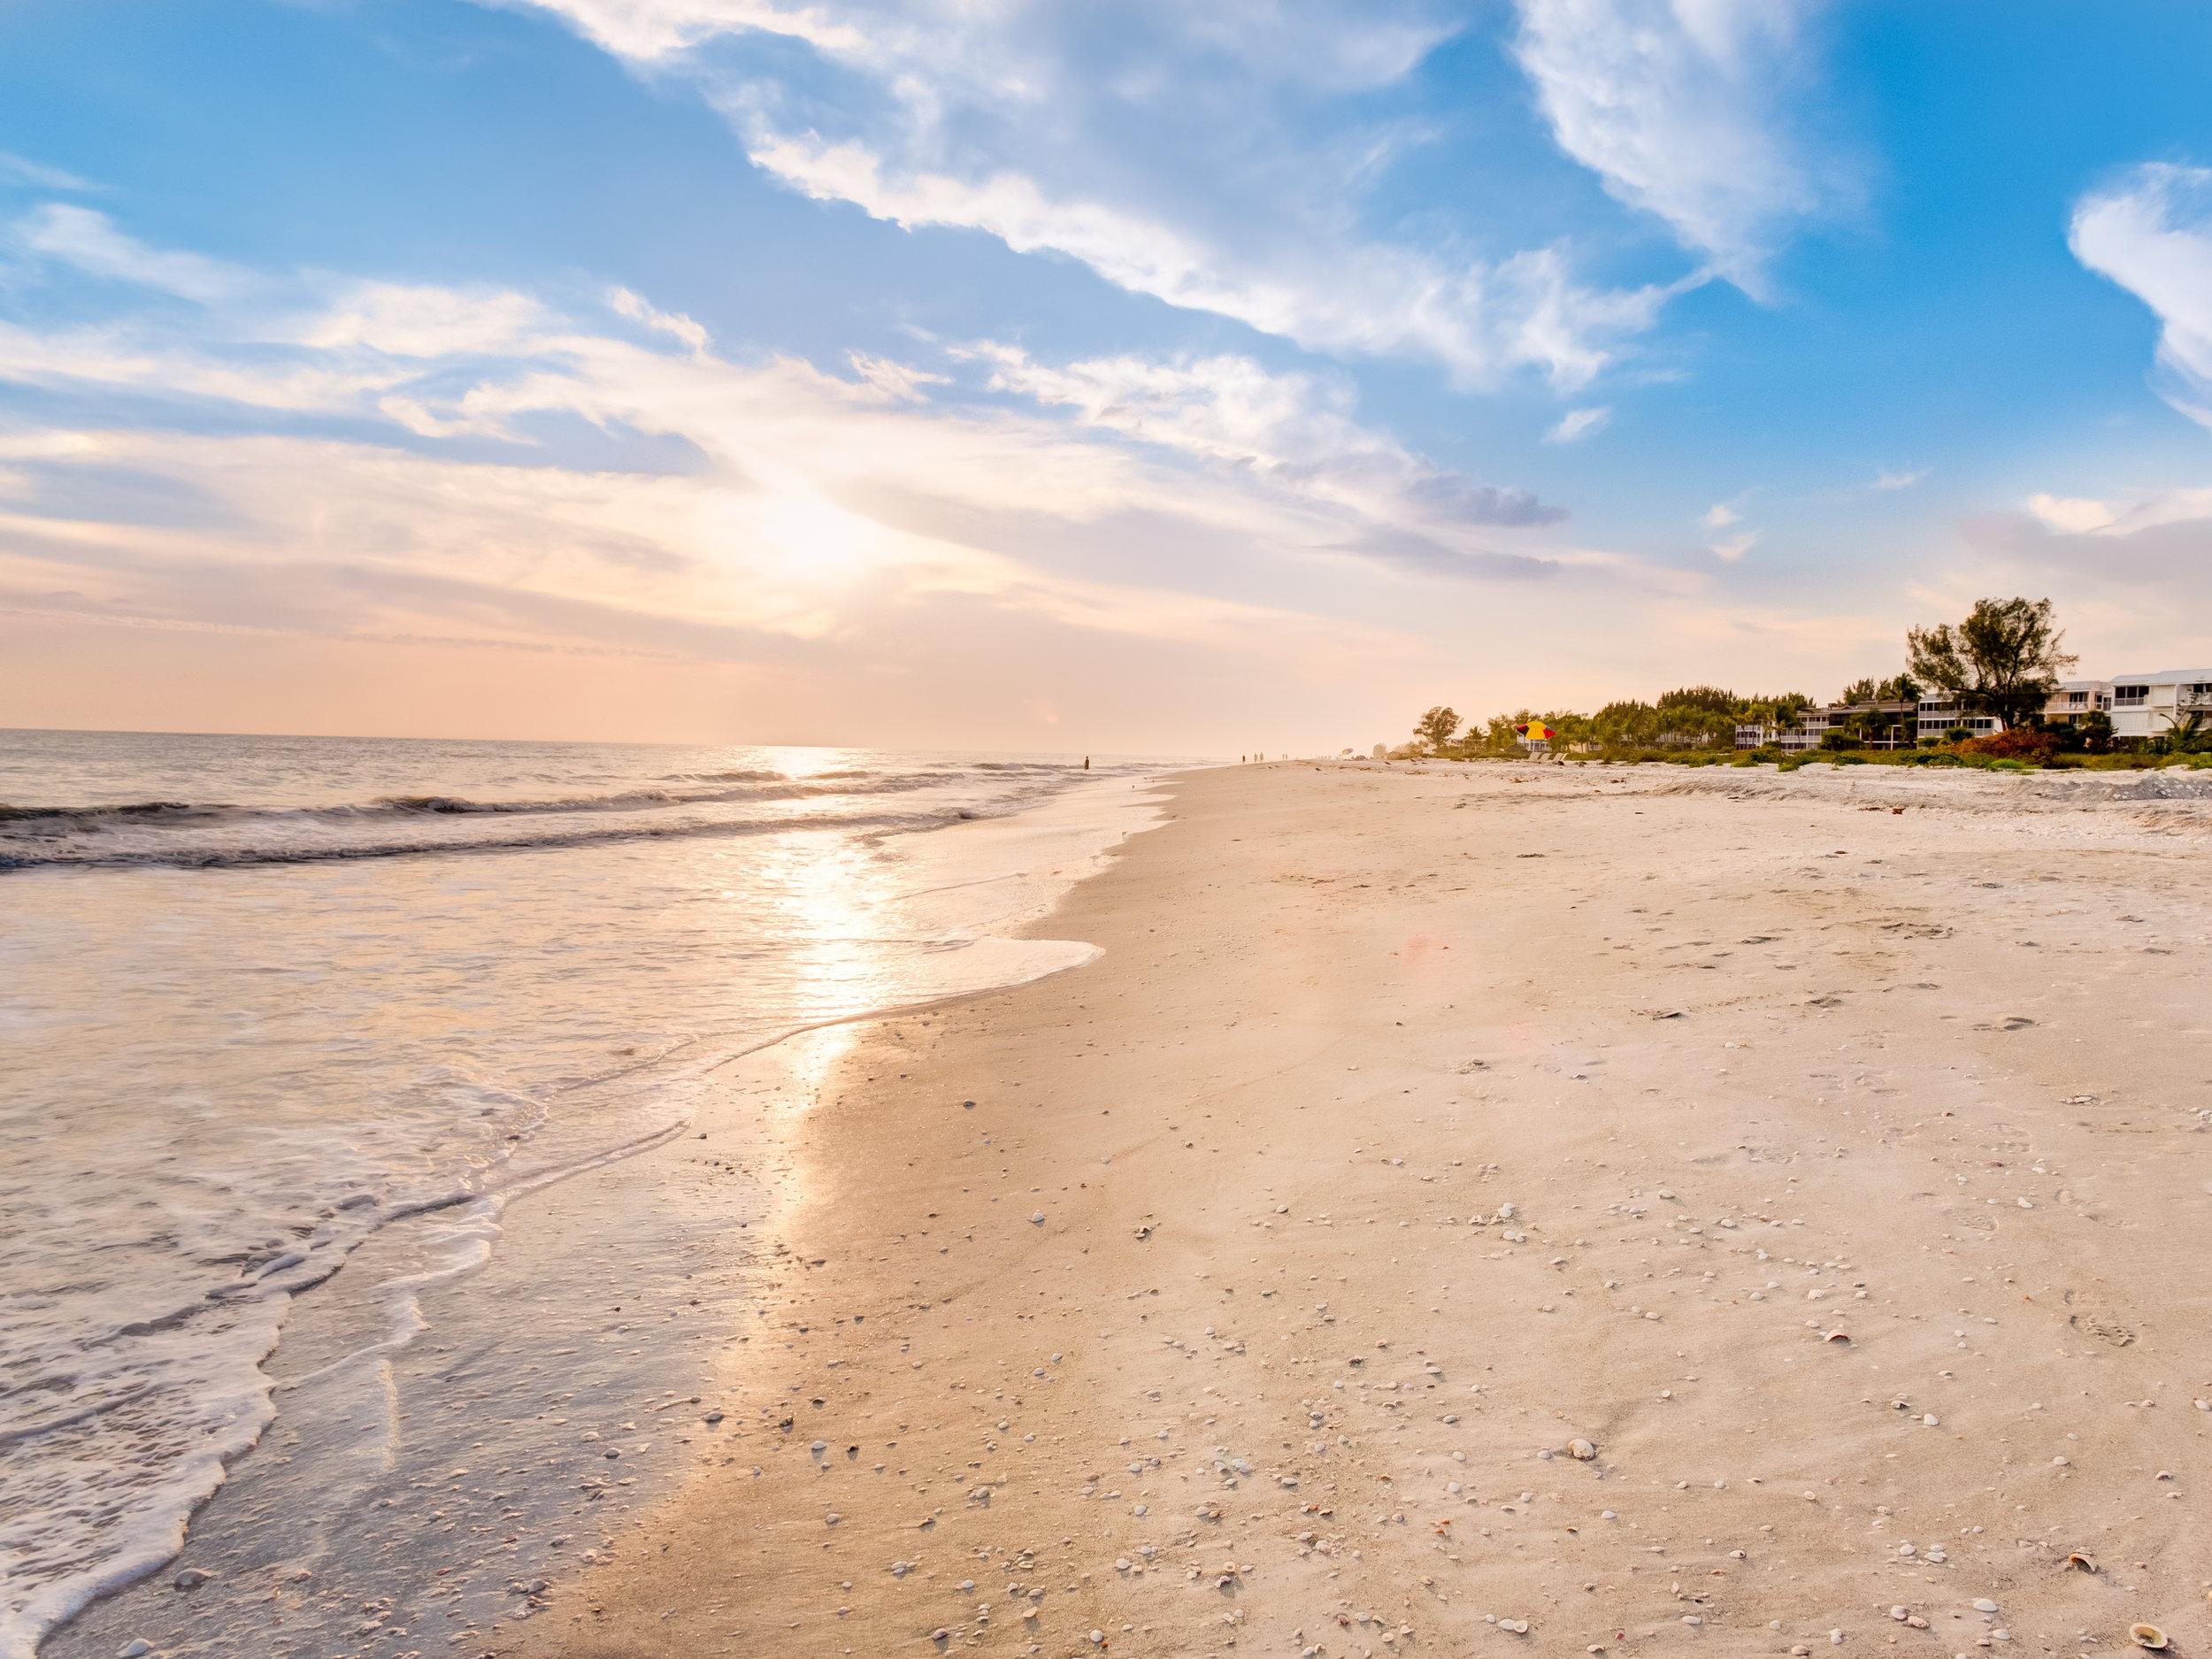 Casa Ybel Beach.jpg